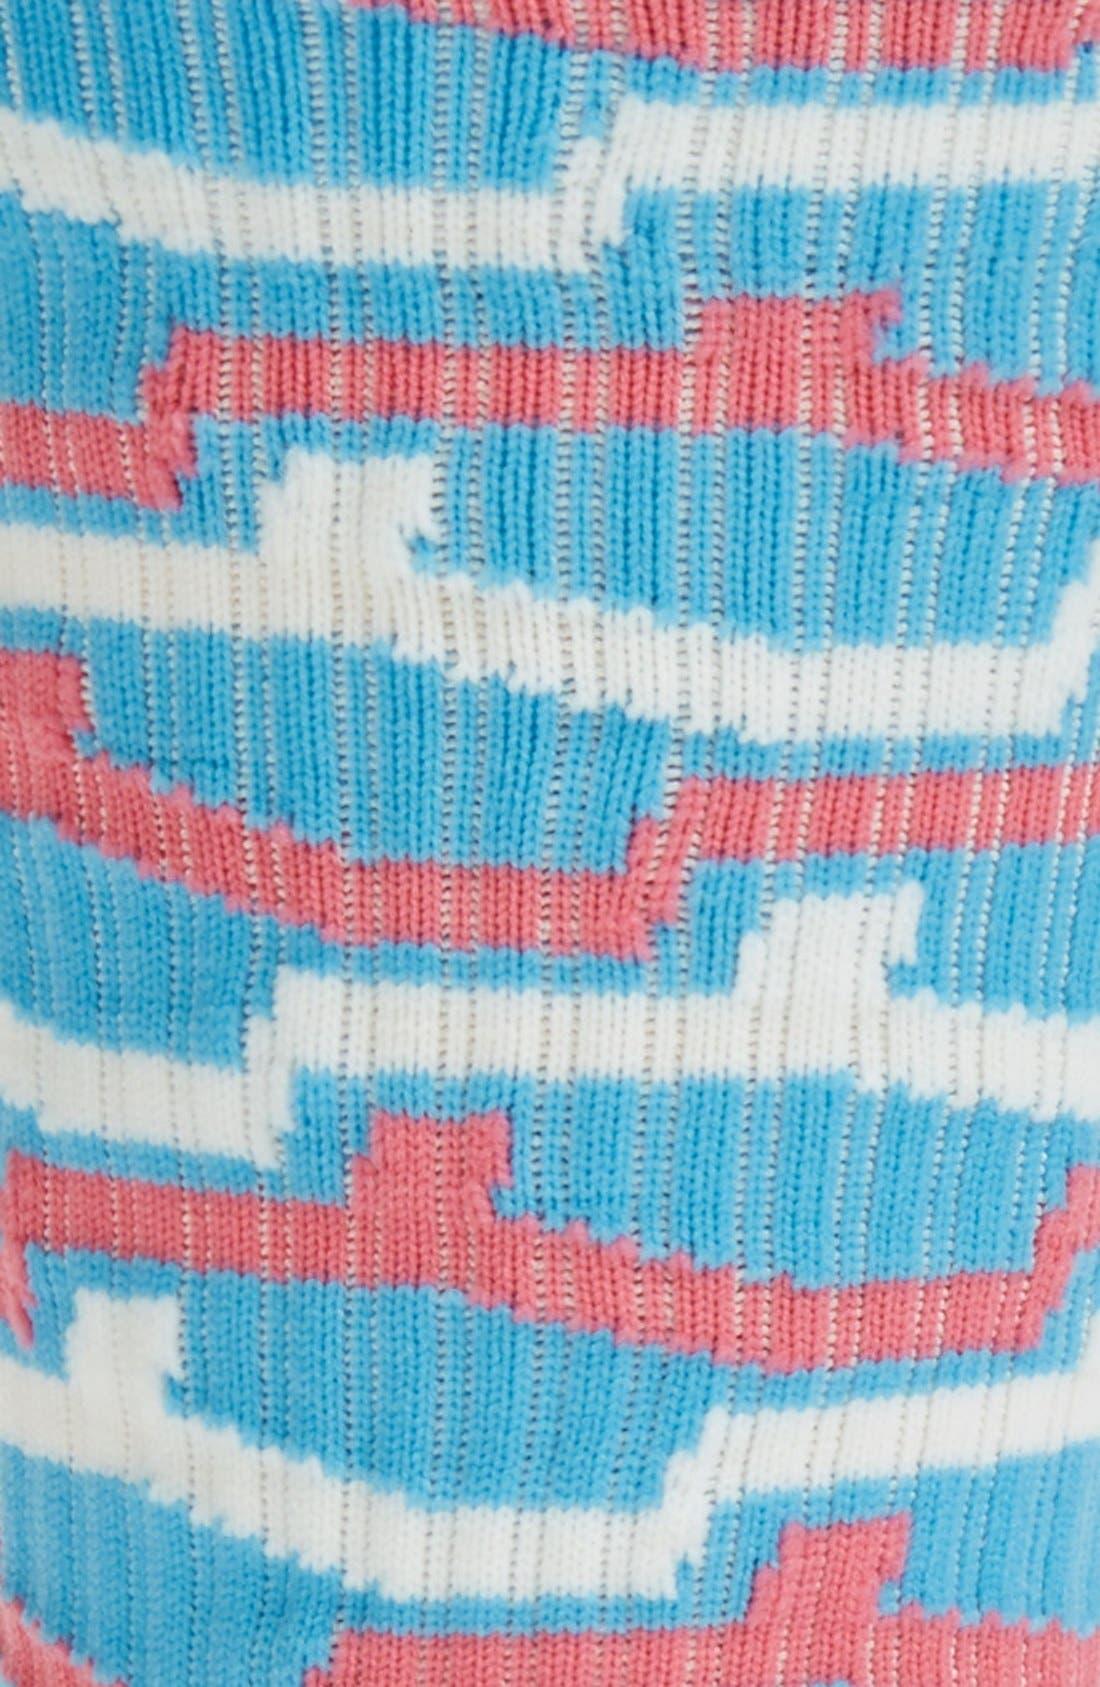 Alternate Image 2  - STRIDELINE 'S Series - Hex' Socks